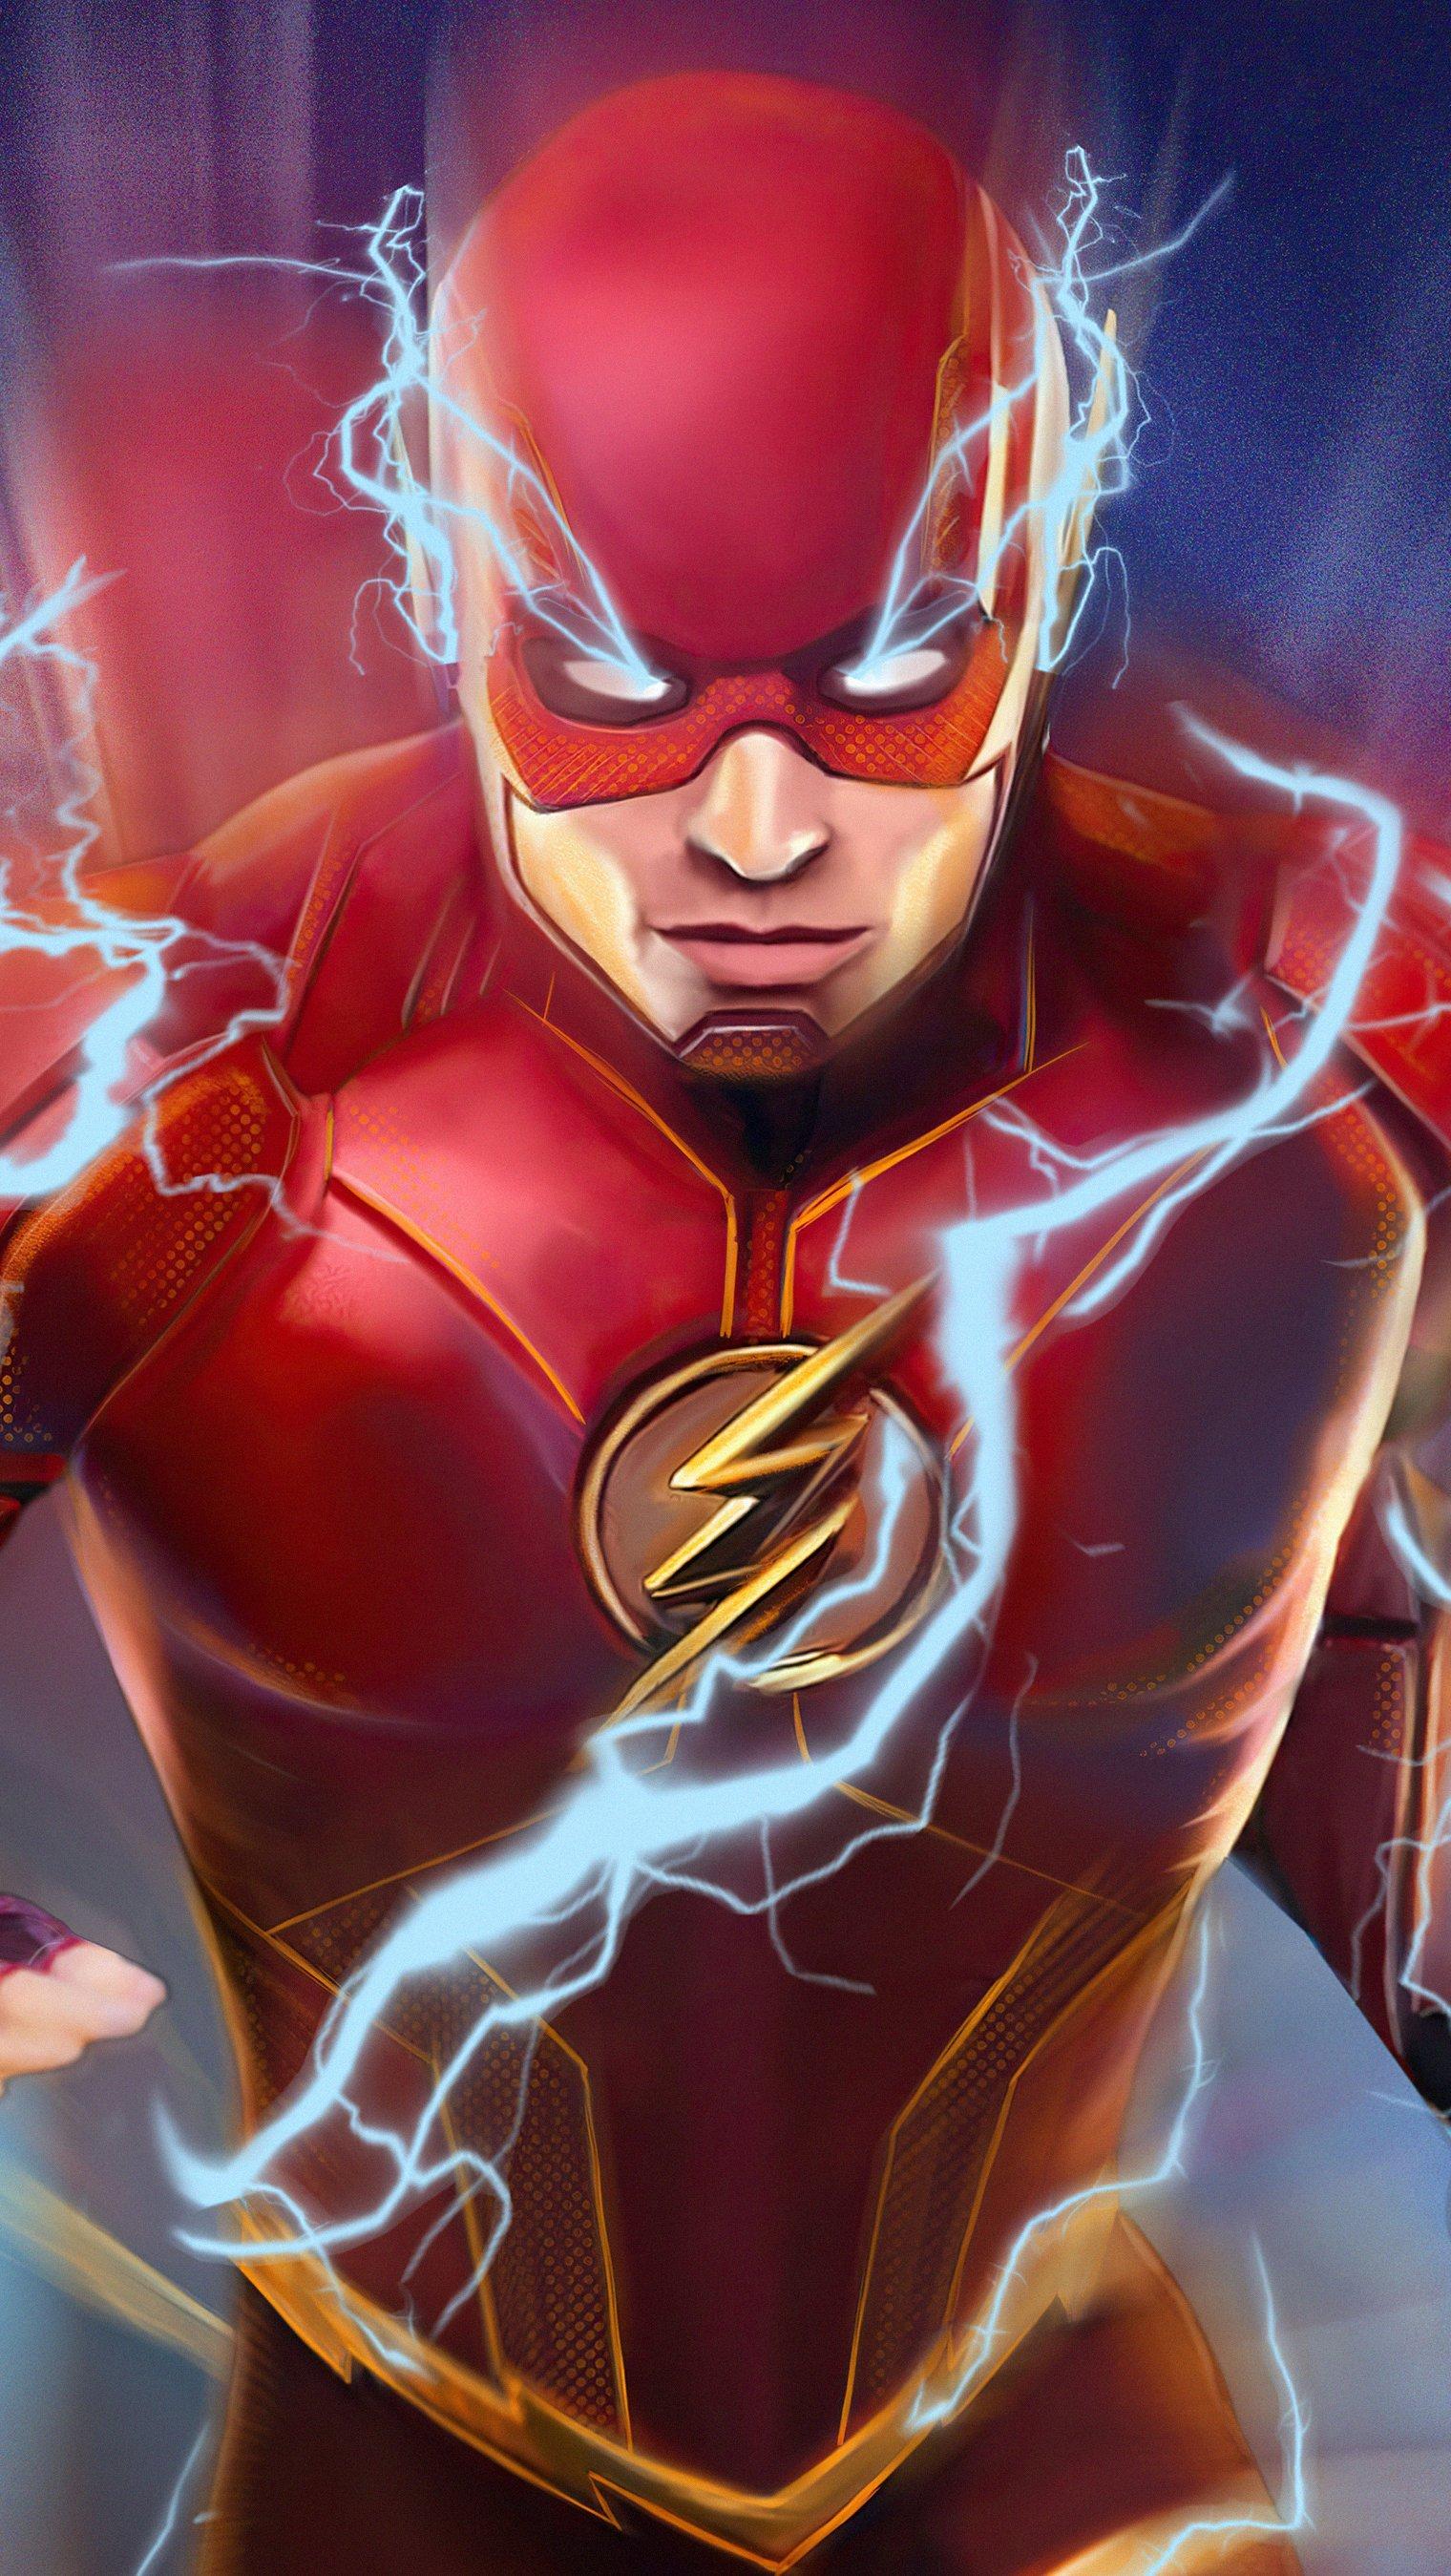 Fondos de pantalla The Flash con rayo azul Vertical